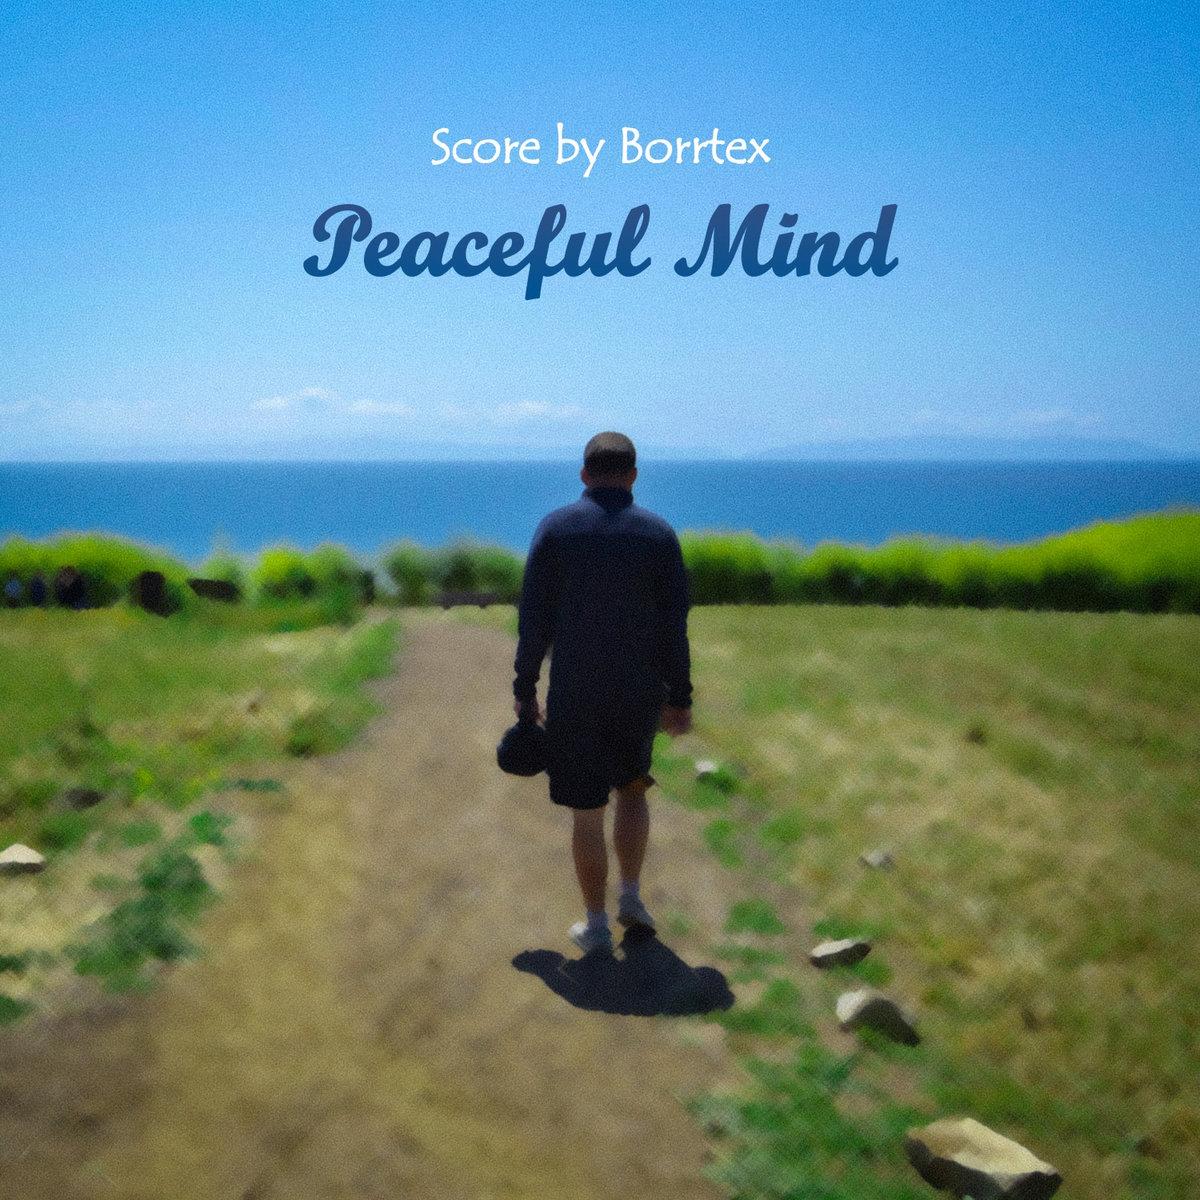 ep peaceful mind borrtex